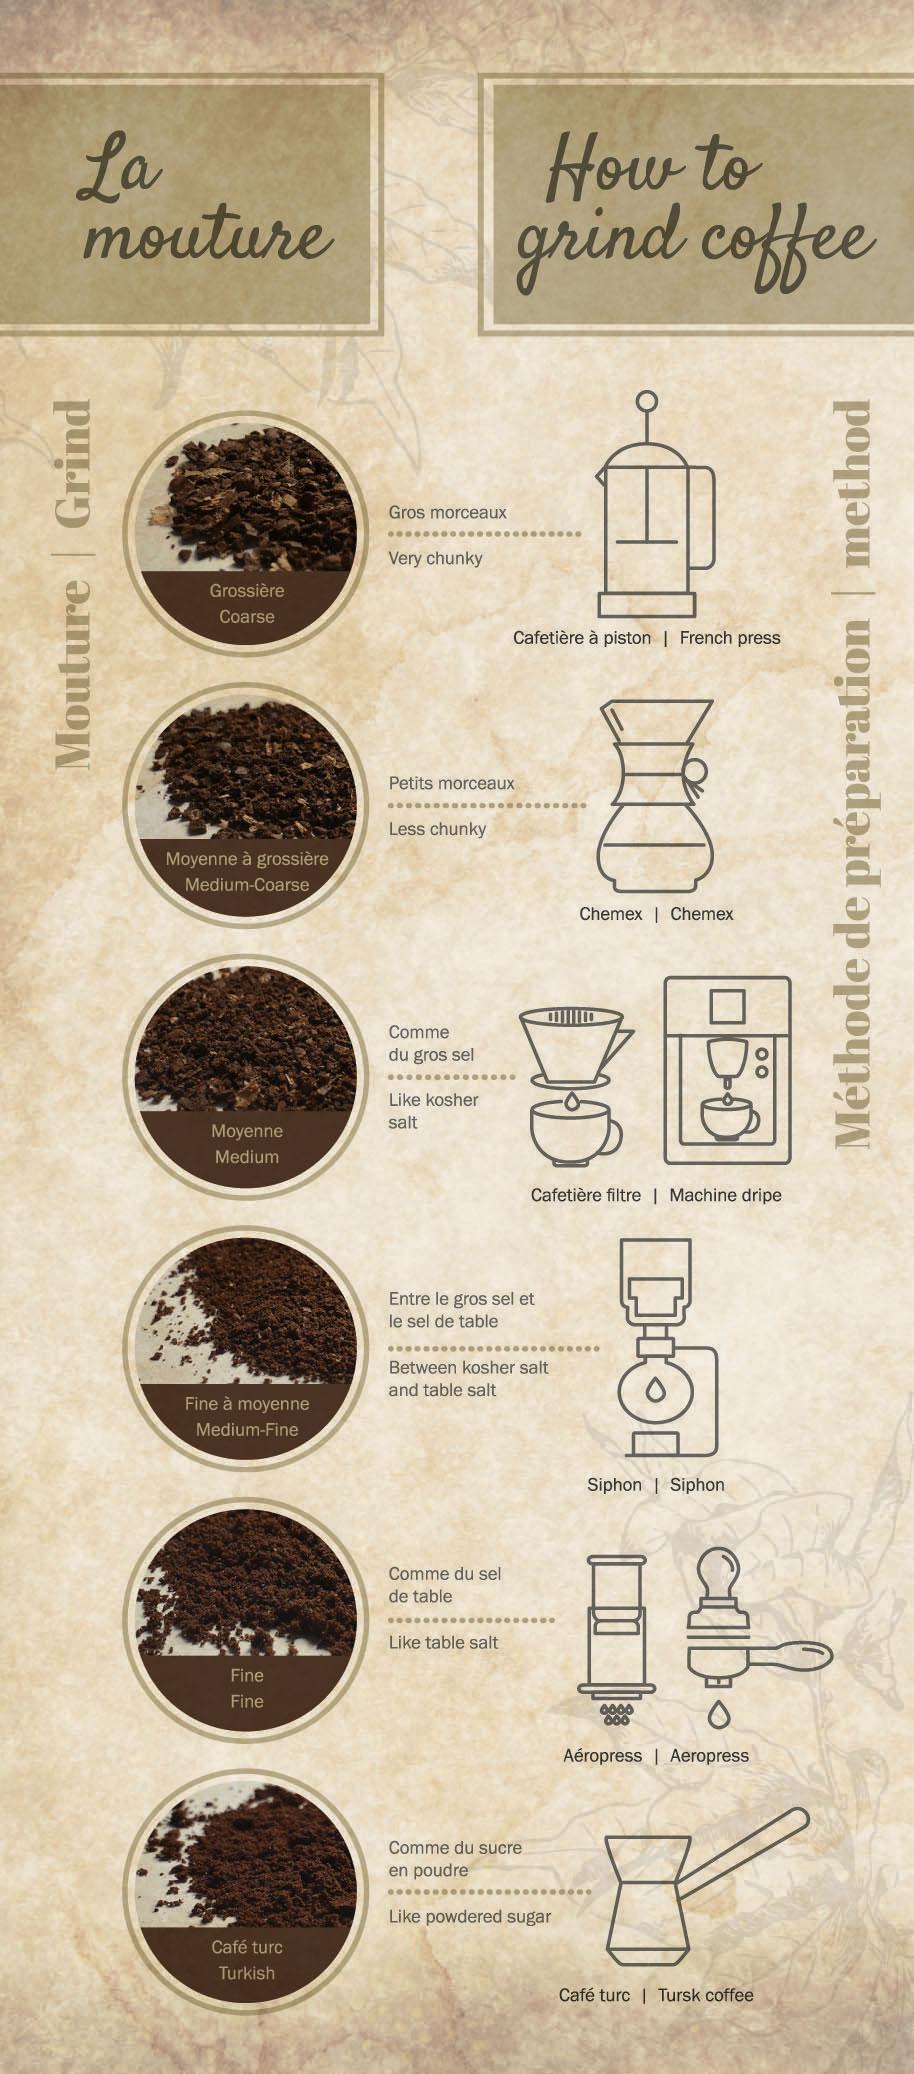 Mouture de café